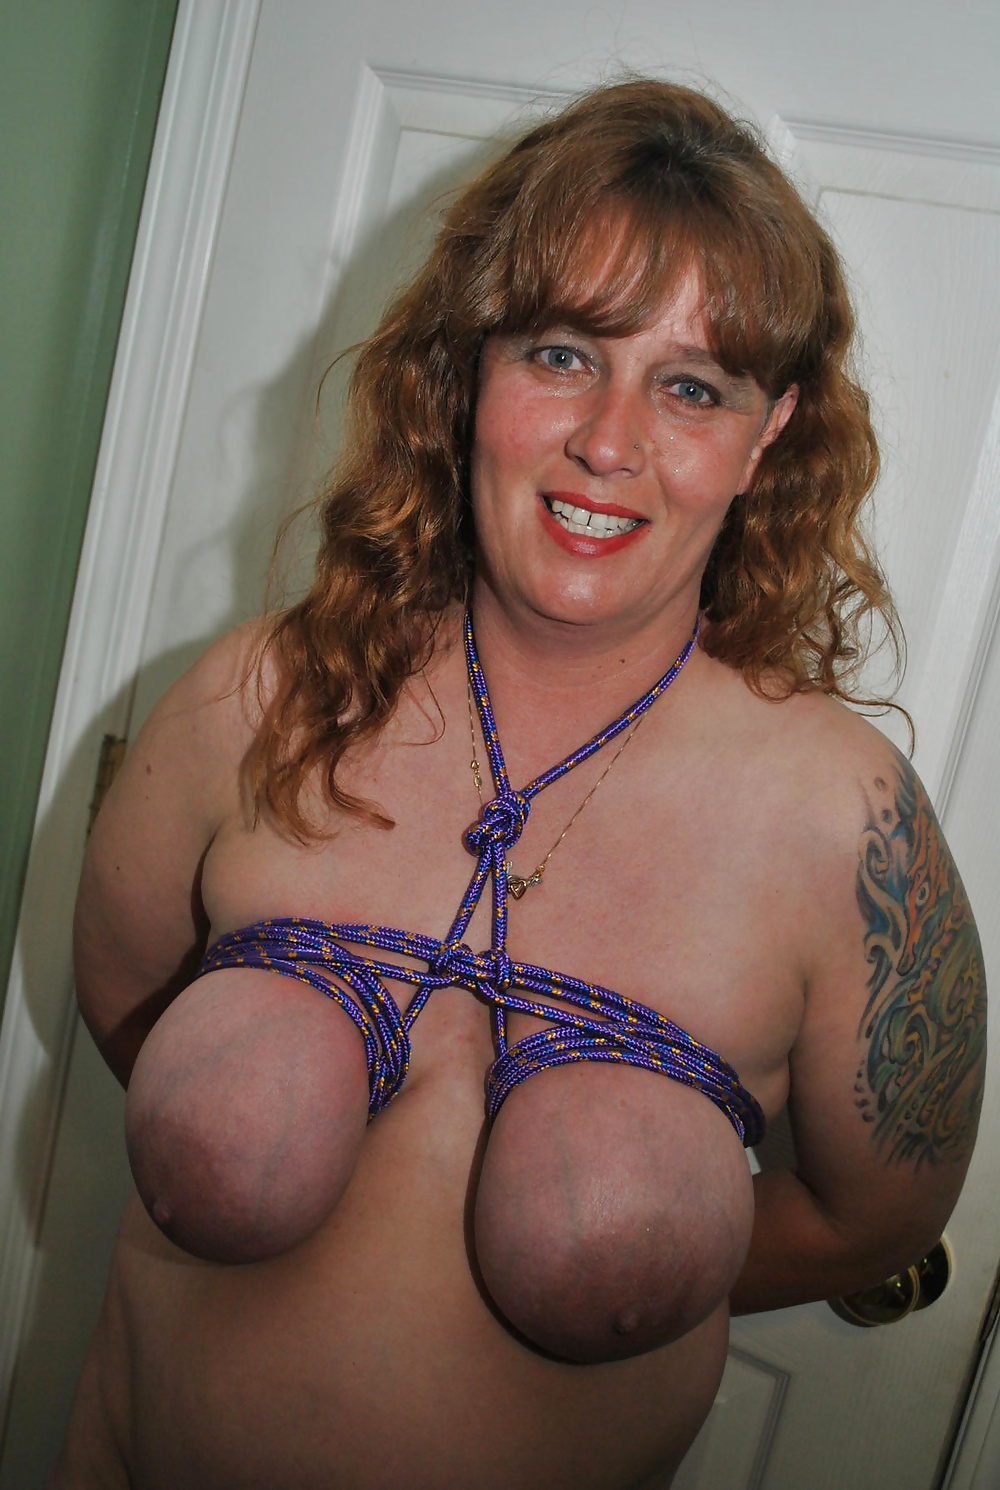 Sizzlin sierra nude